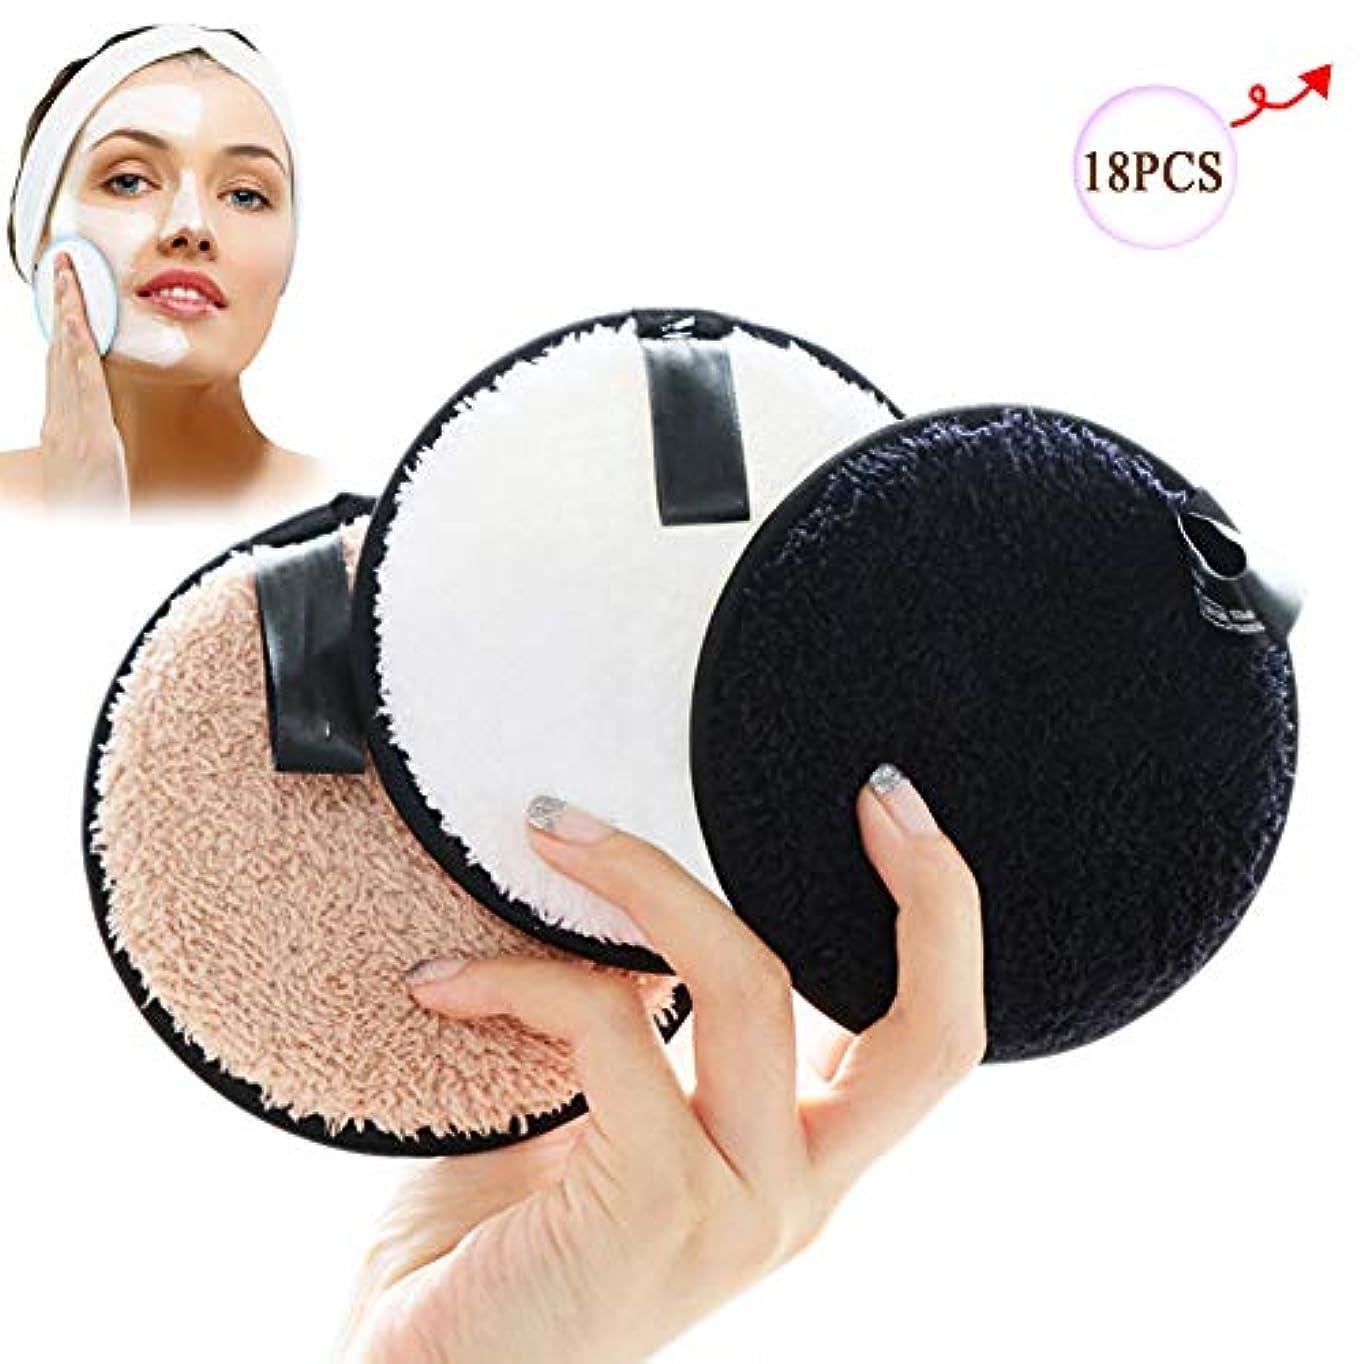 タオルスチュワーデス成分除去剤のパッド、女性の表面/目/唇のための再使用可能な清潔になる綿繊維の構造の除去剤のワイプ,18PCS